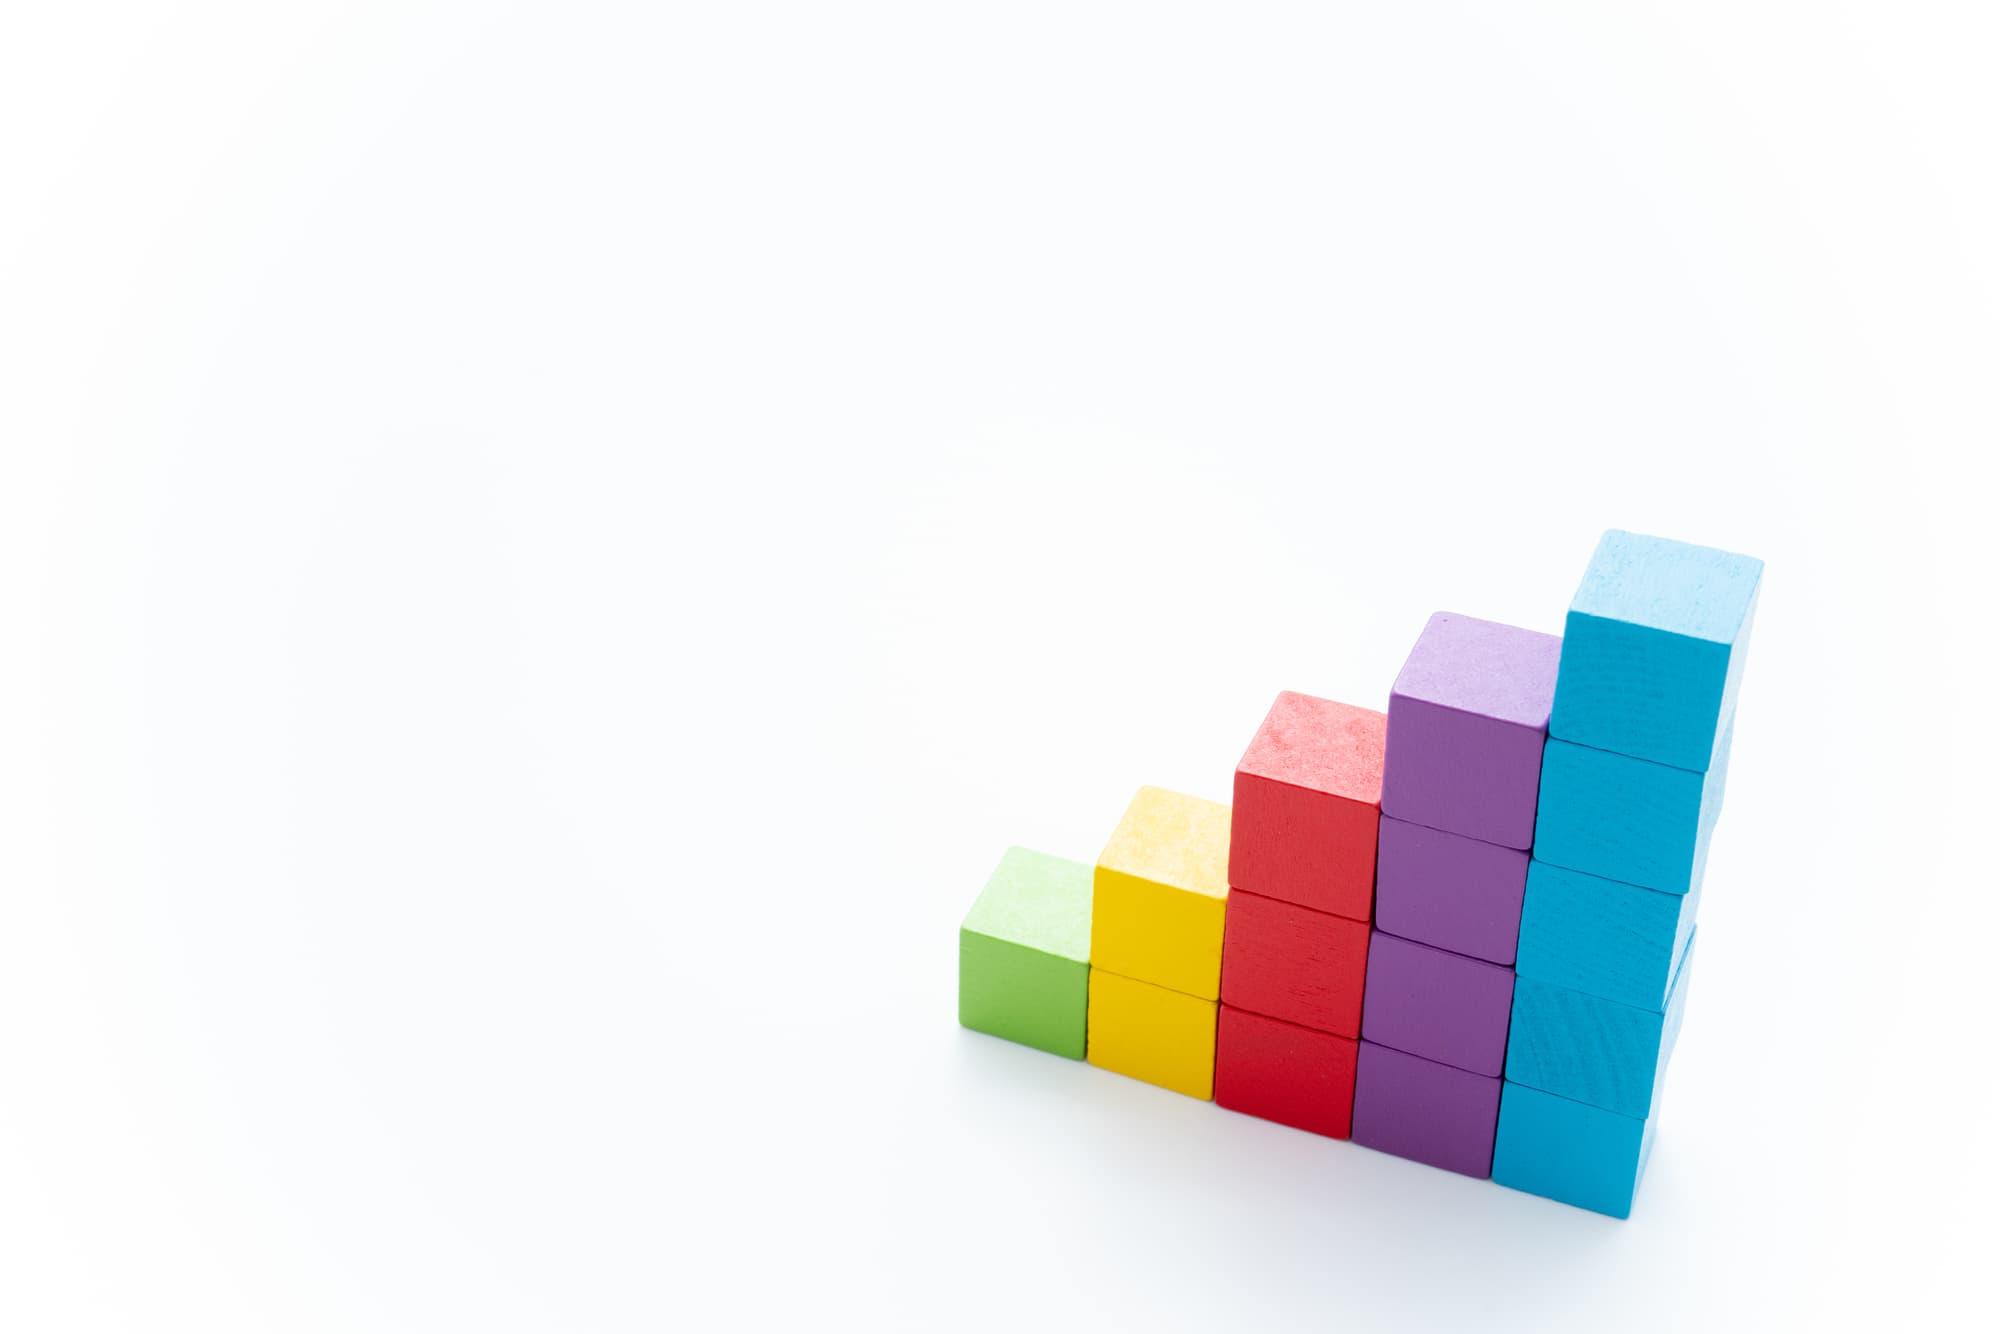 楽天市場流通総額推移